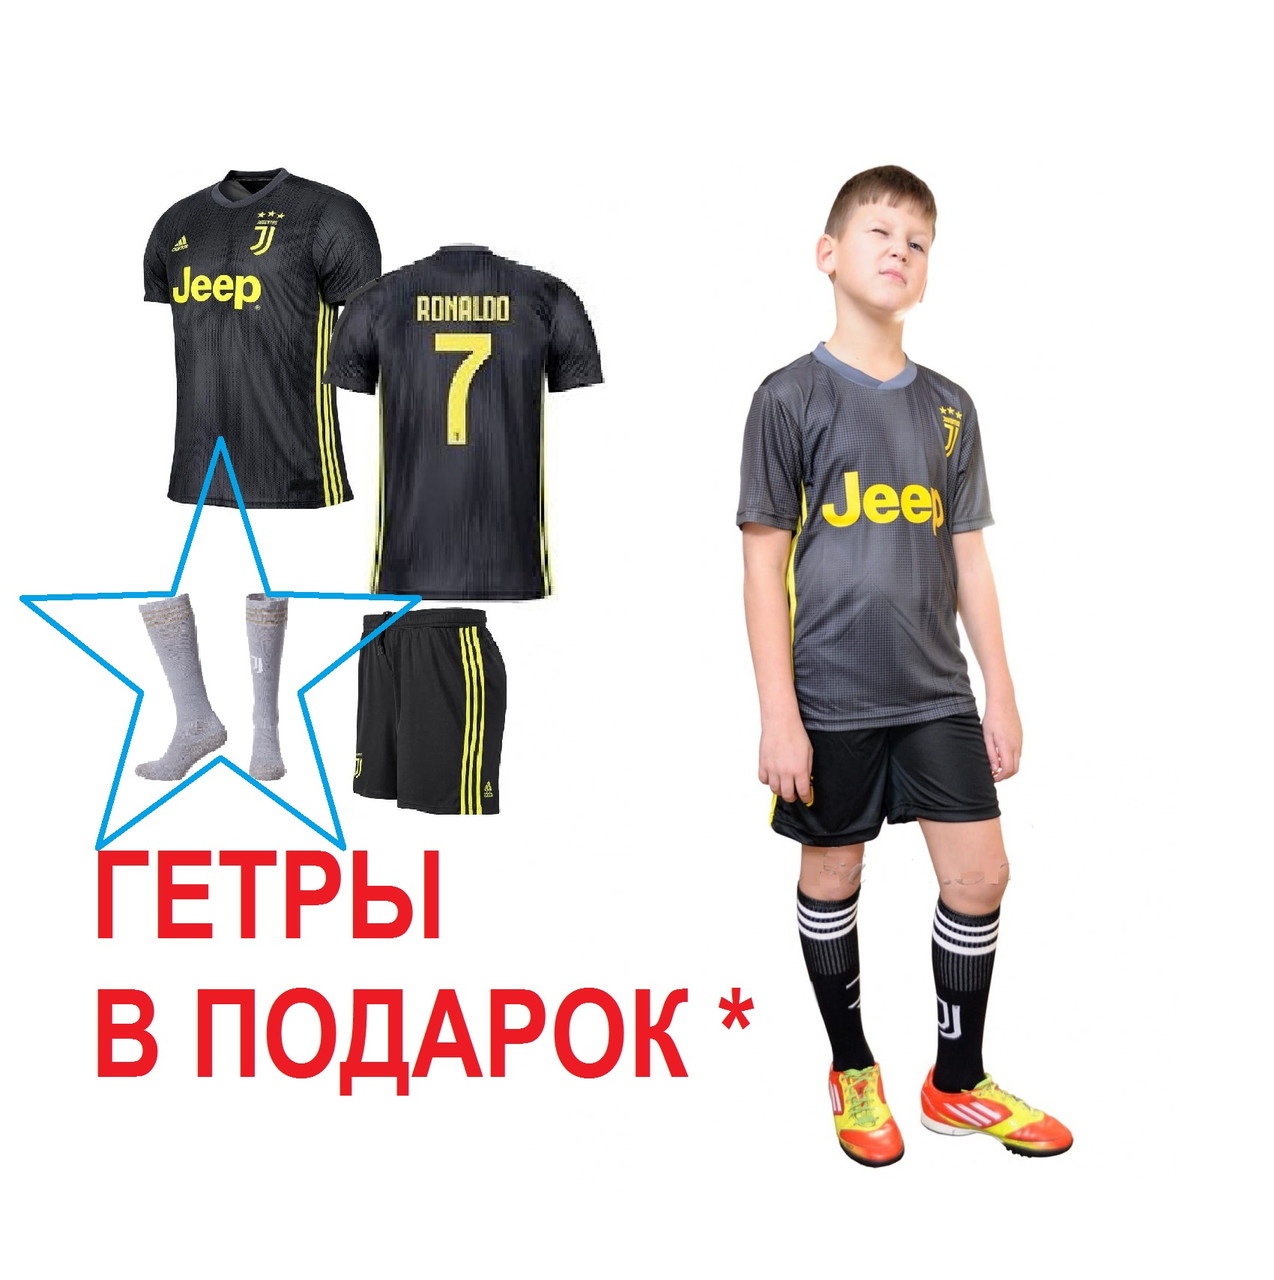 Детская футбольная форма ЮВЕНТУС №7 Роналдо + гетры в подарок